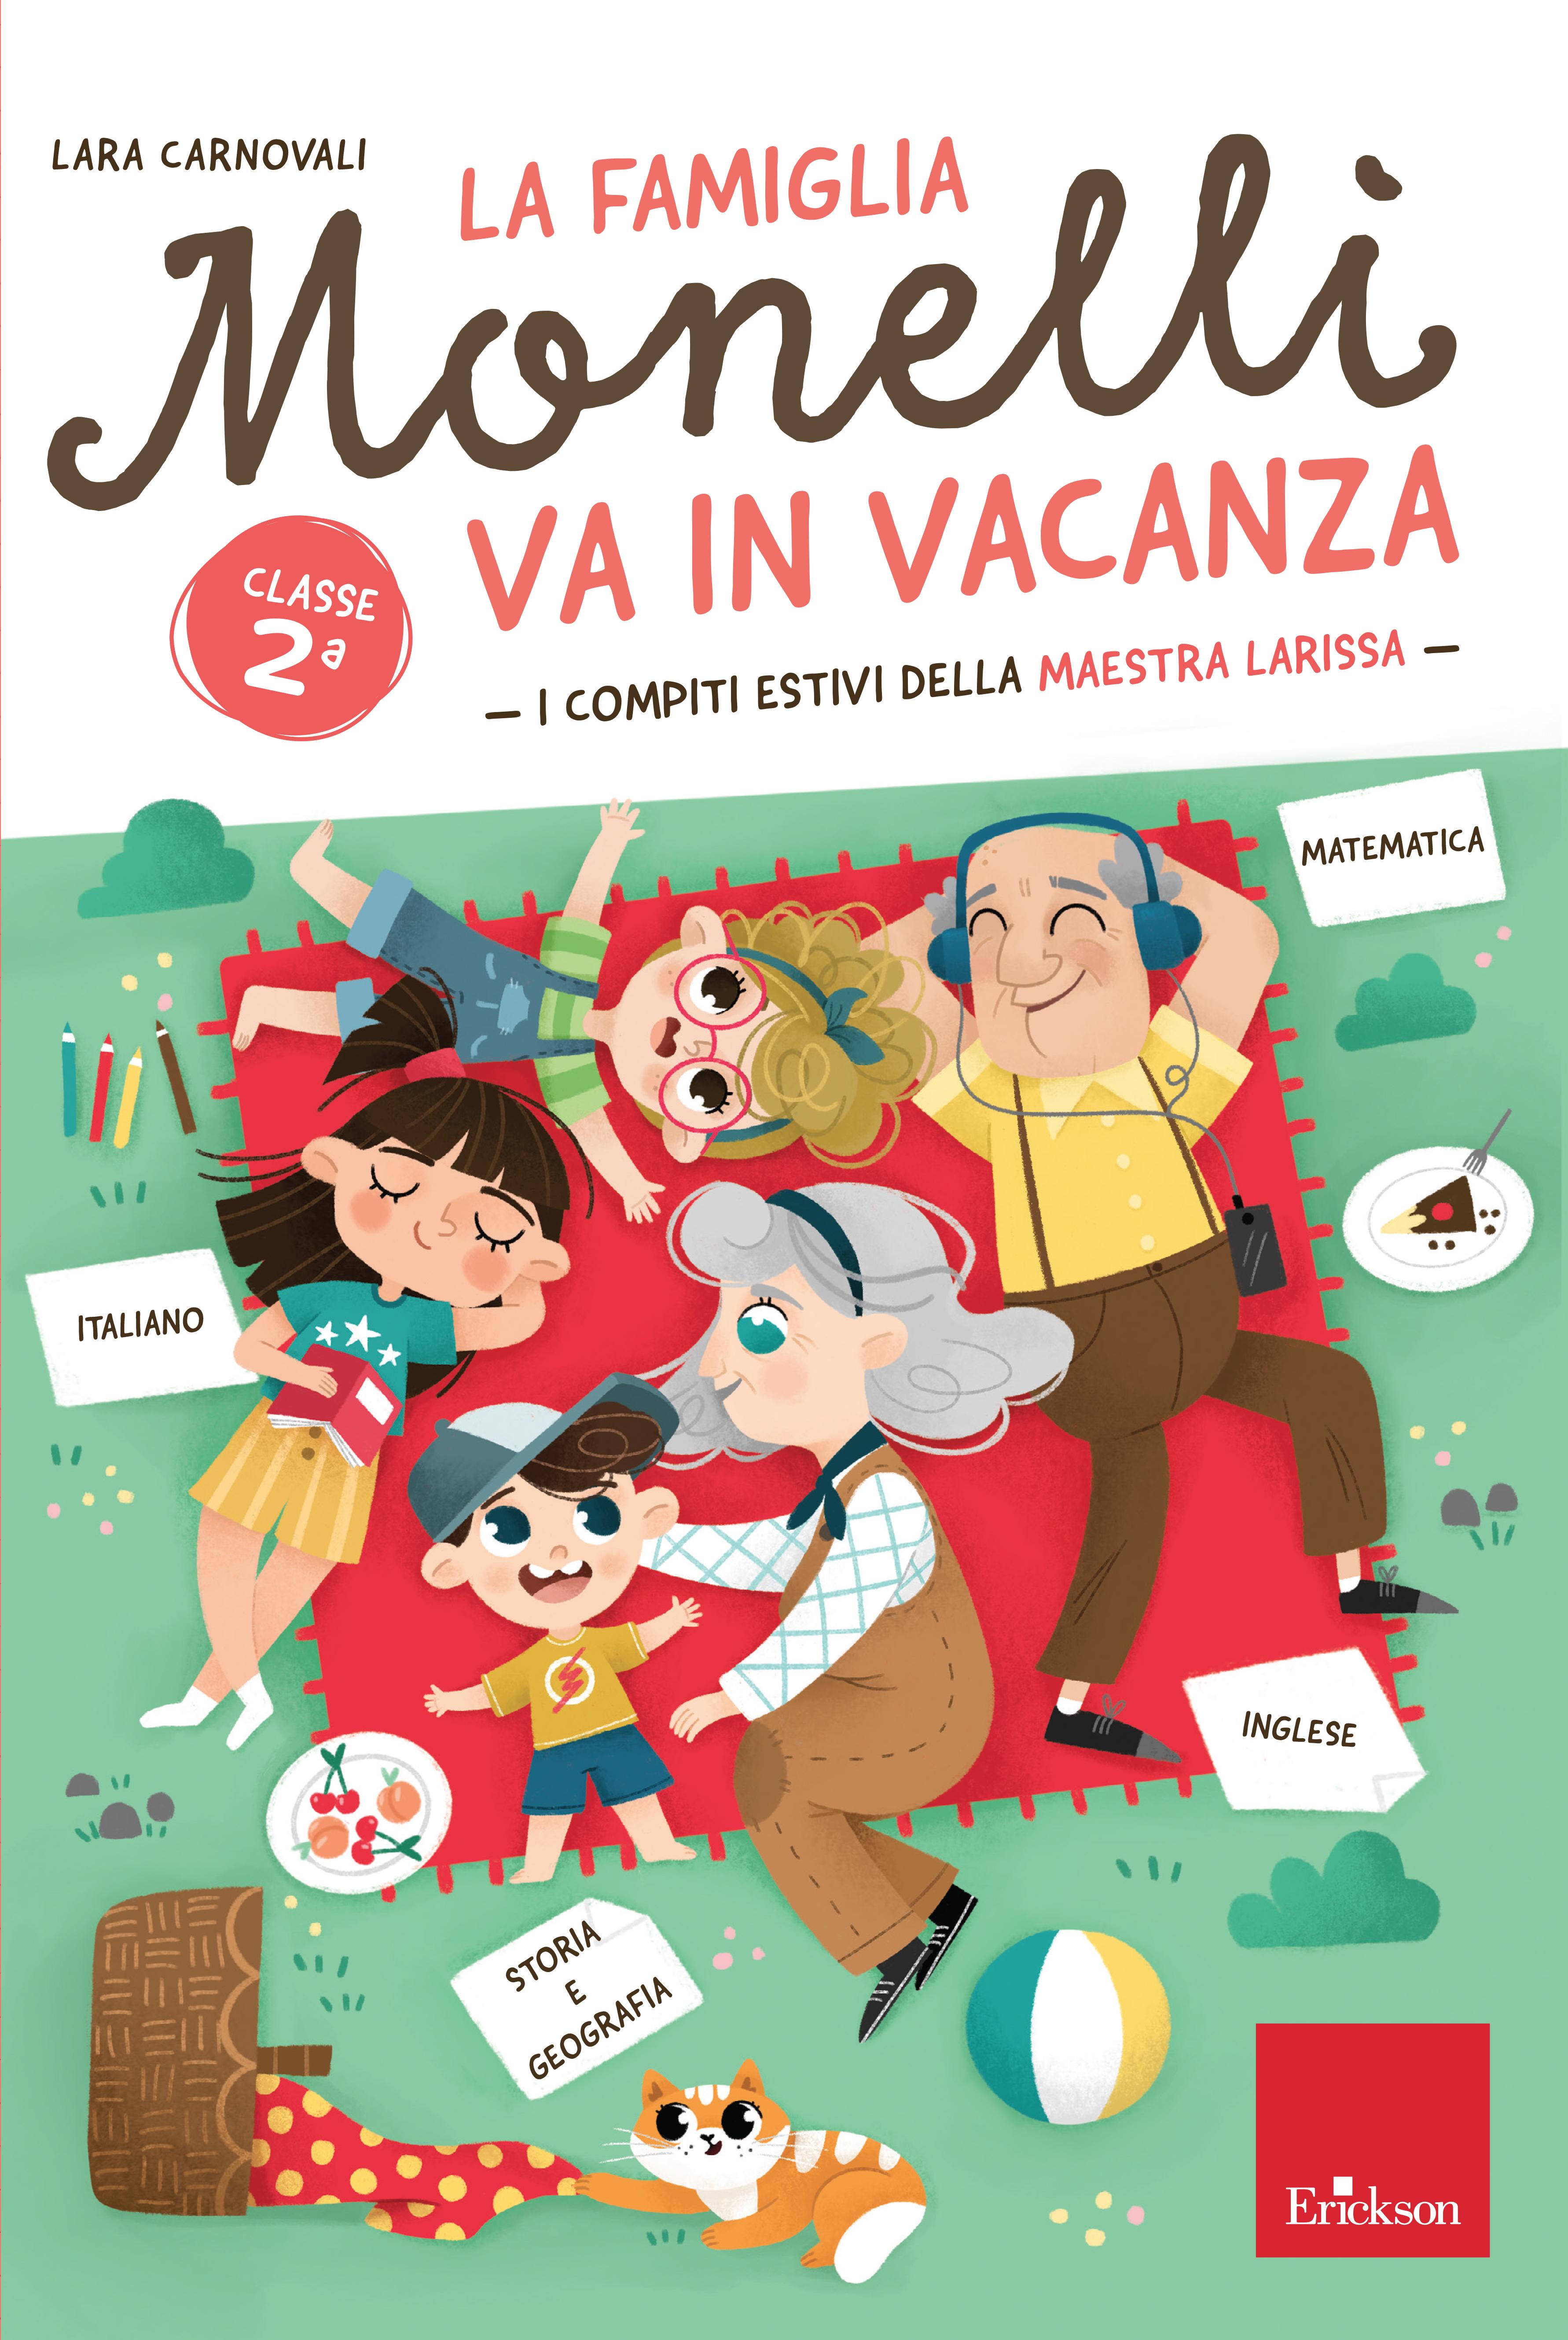 COP_La-famiglia-Monelli-va-in-vacanza_classe-2a_590-2439-2.indd